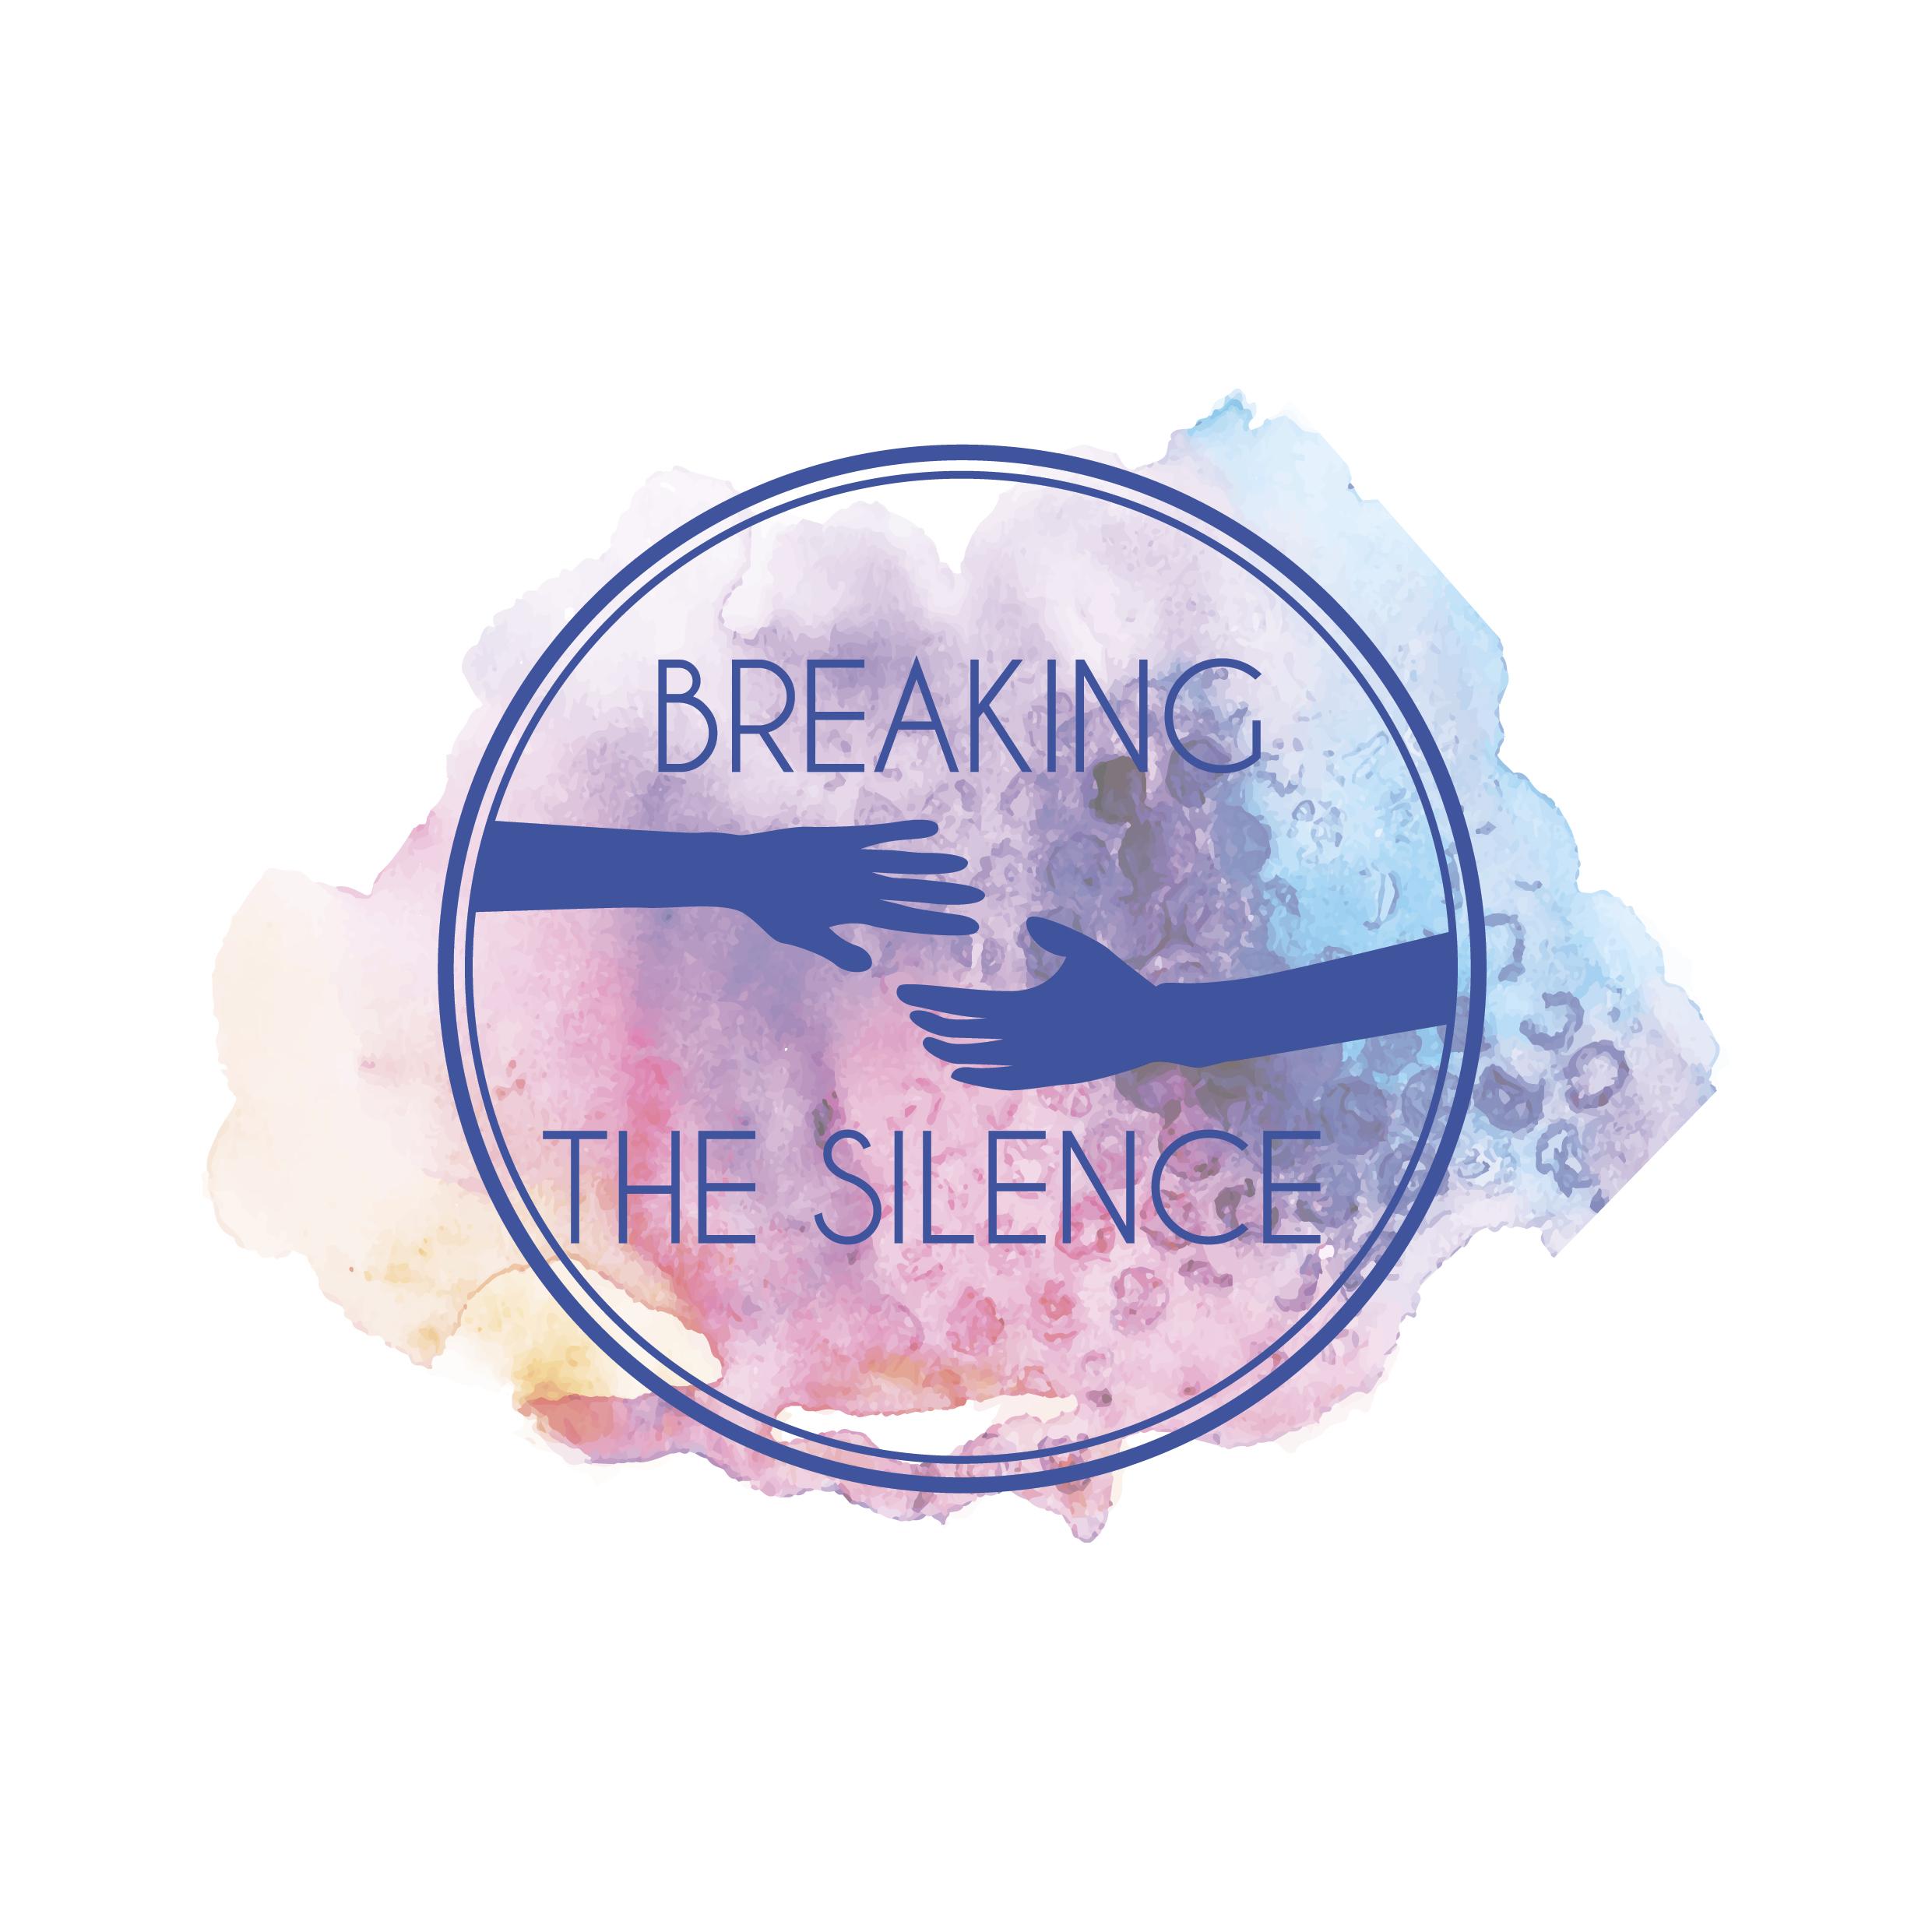 breaking teh silence logo.jpg